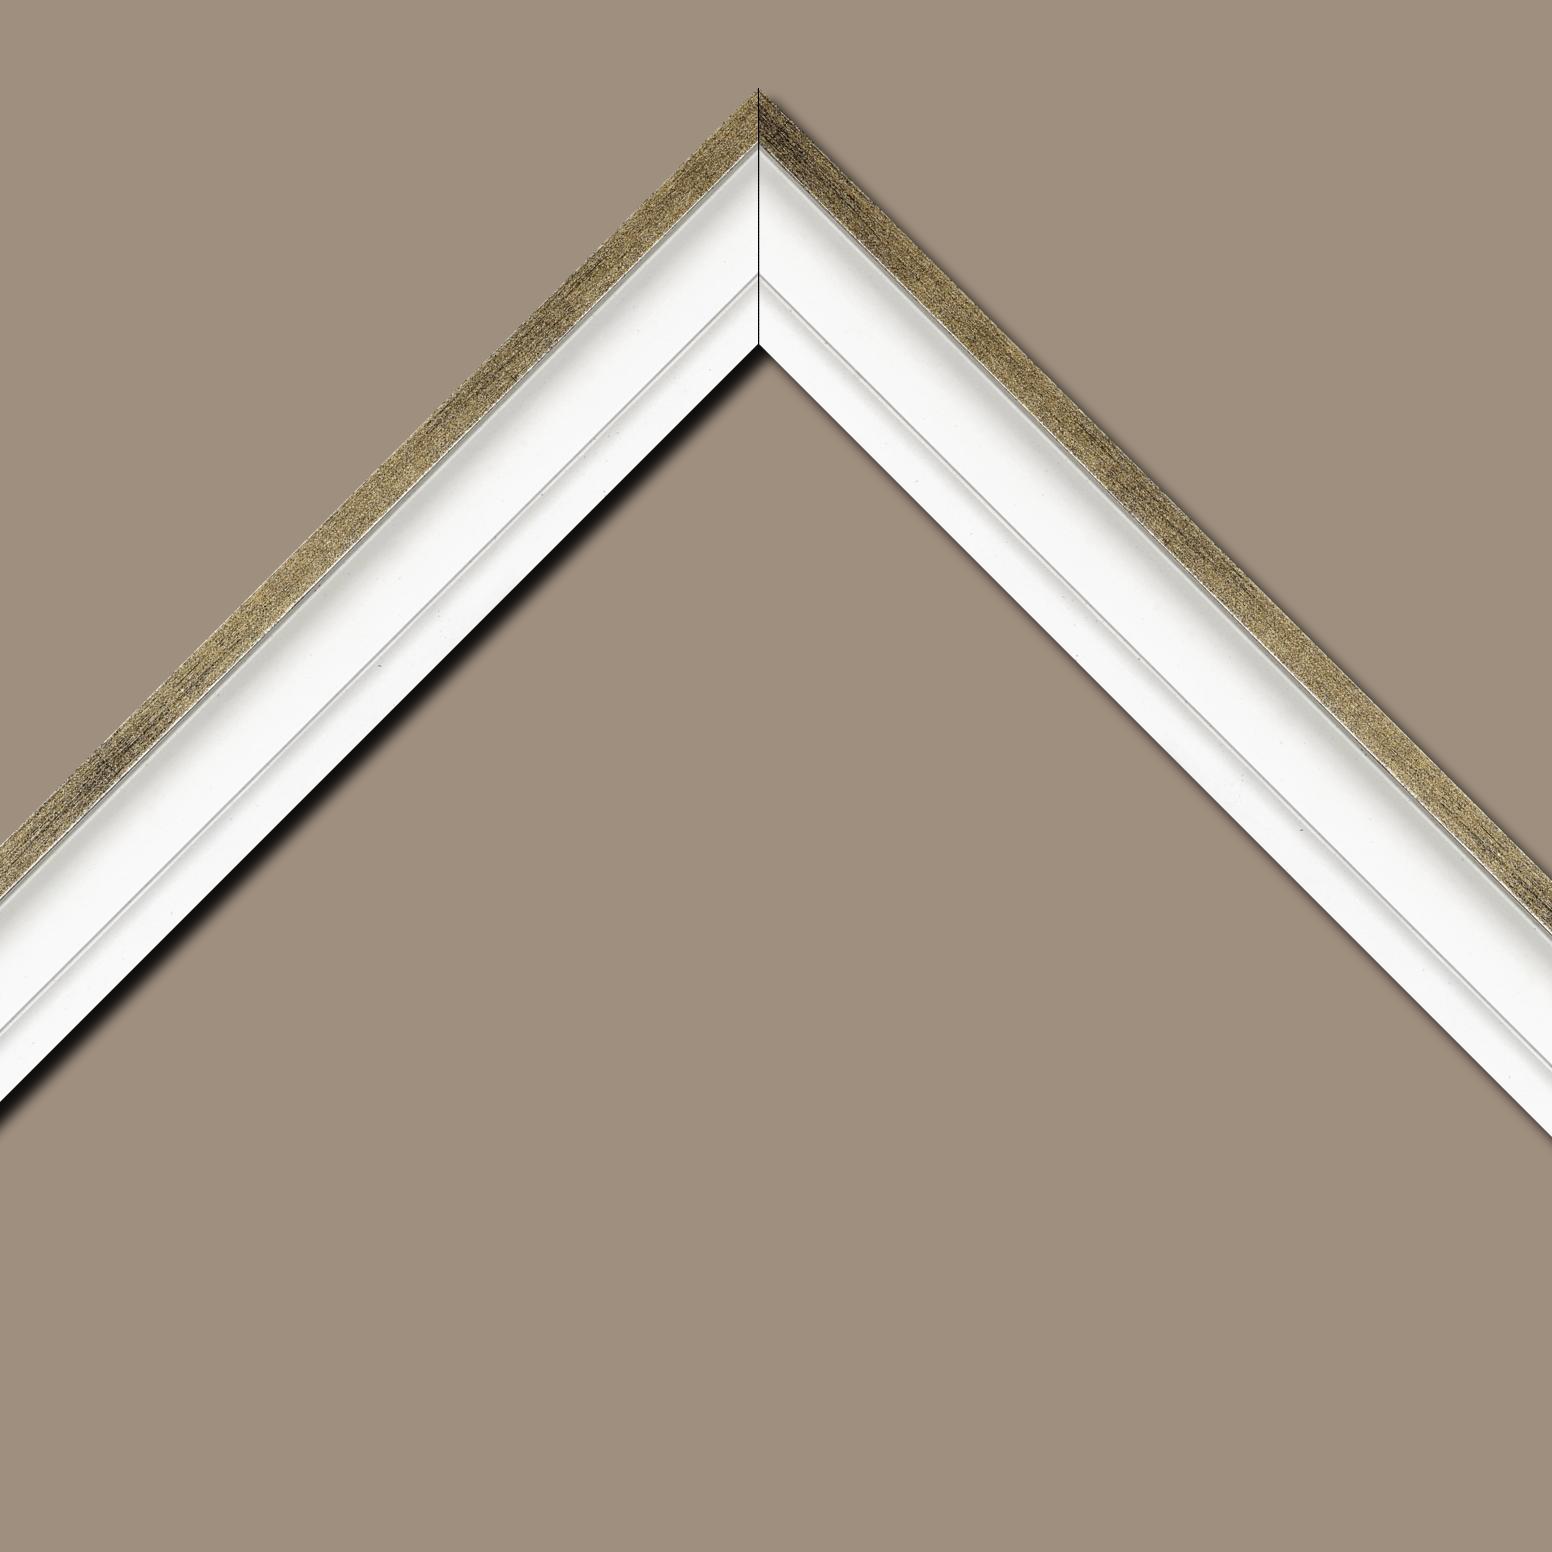 Baguette bois caisse américaine profil escalier largeur 4.4cm blanc mat filet or (spécialement conçu pour les châssis d'une épaisseur jusqu'à 2.5cm )